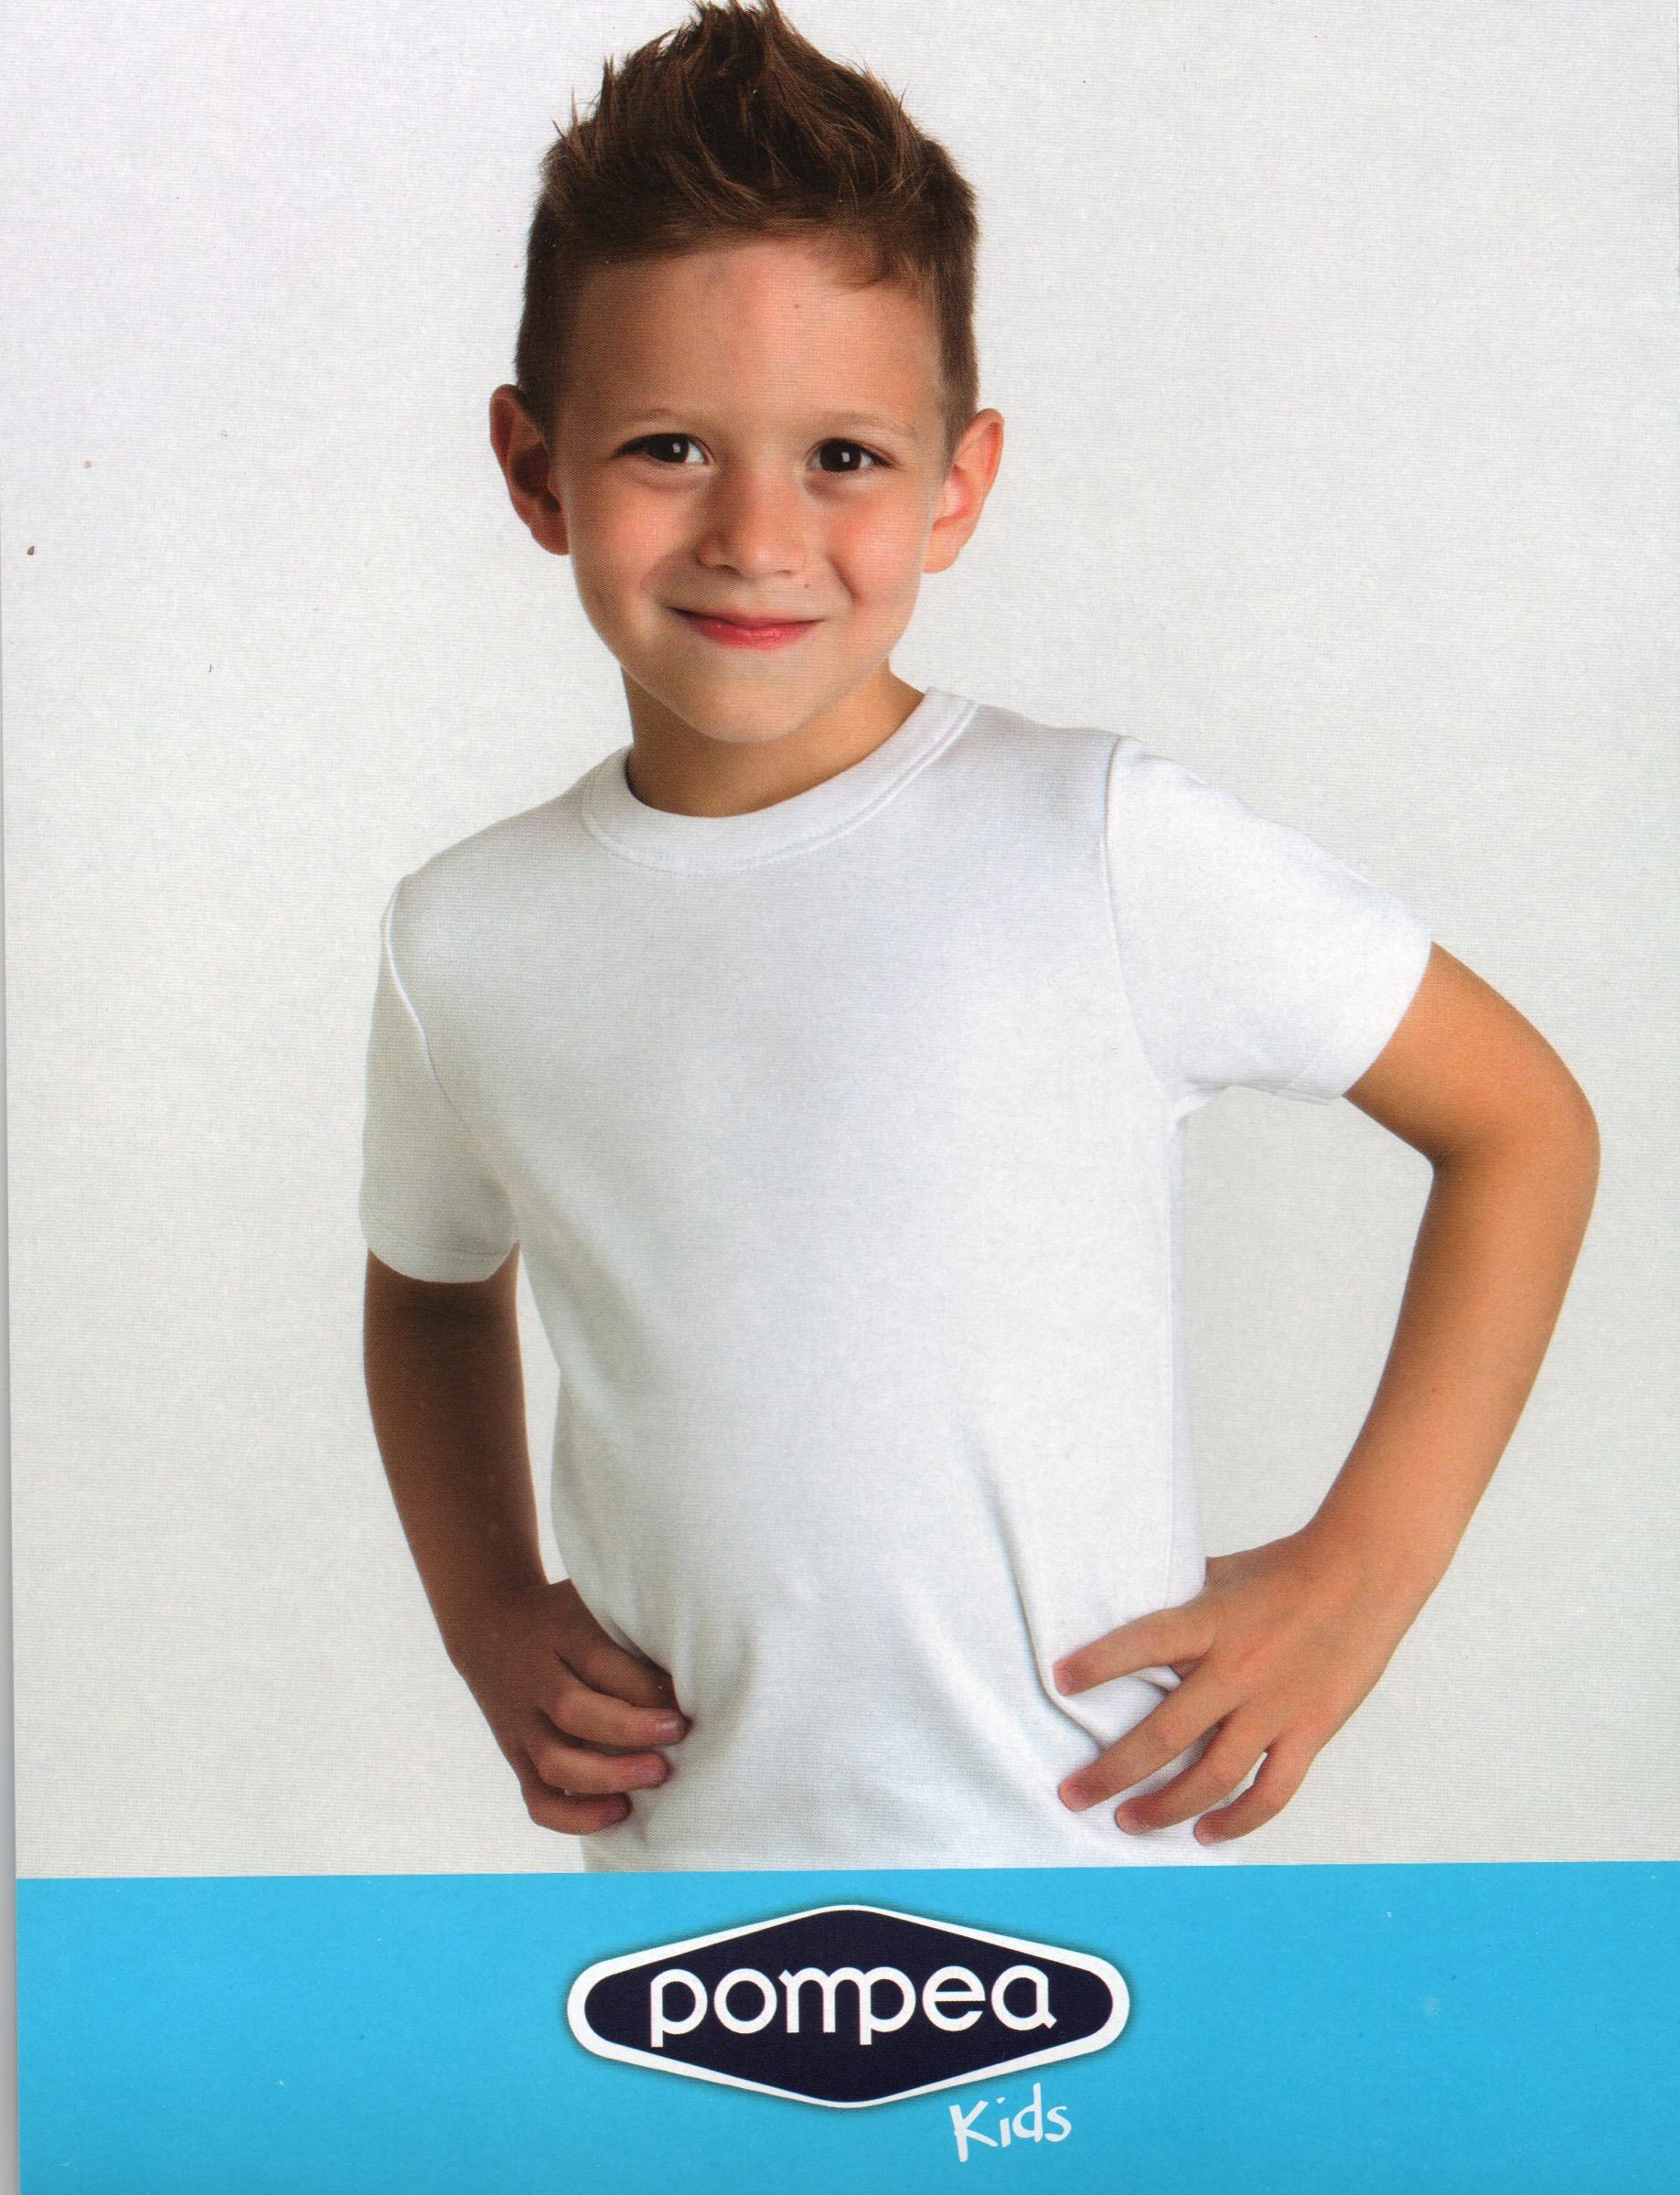 e4e41c1e05 Pompea t-shirt bimbo caldo cotone